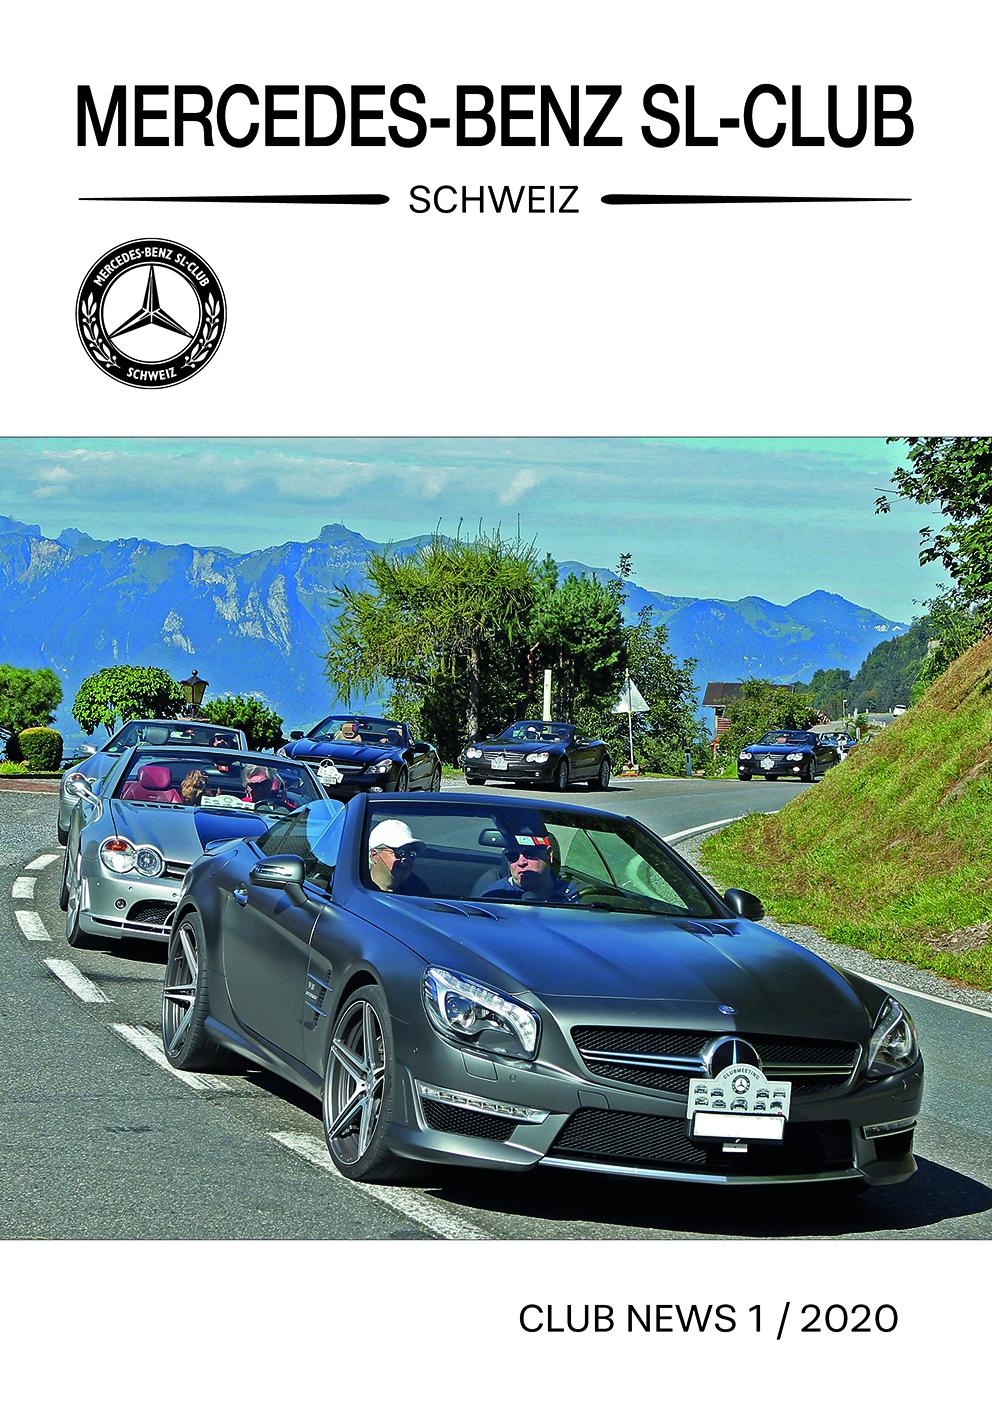 Mercedes-Benz SL-Club Schweiz Club News 1/2020